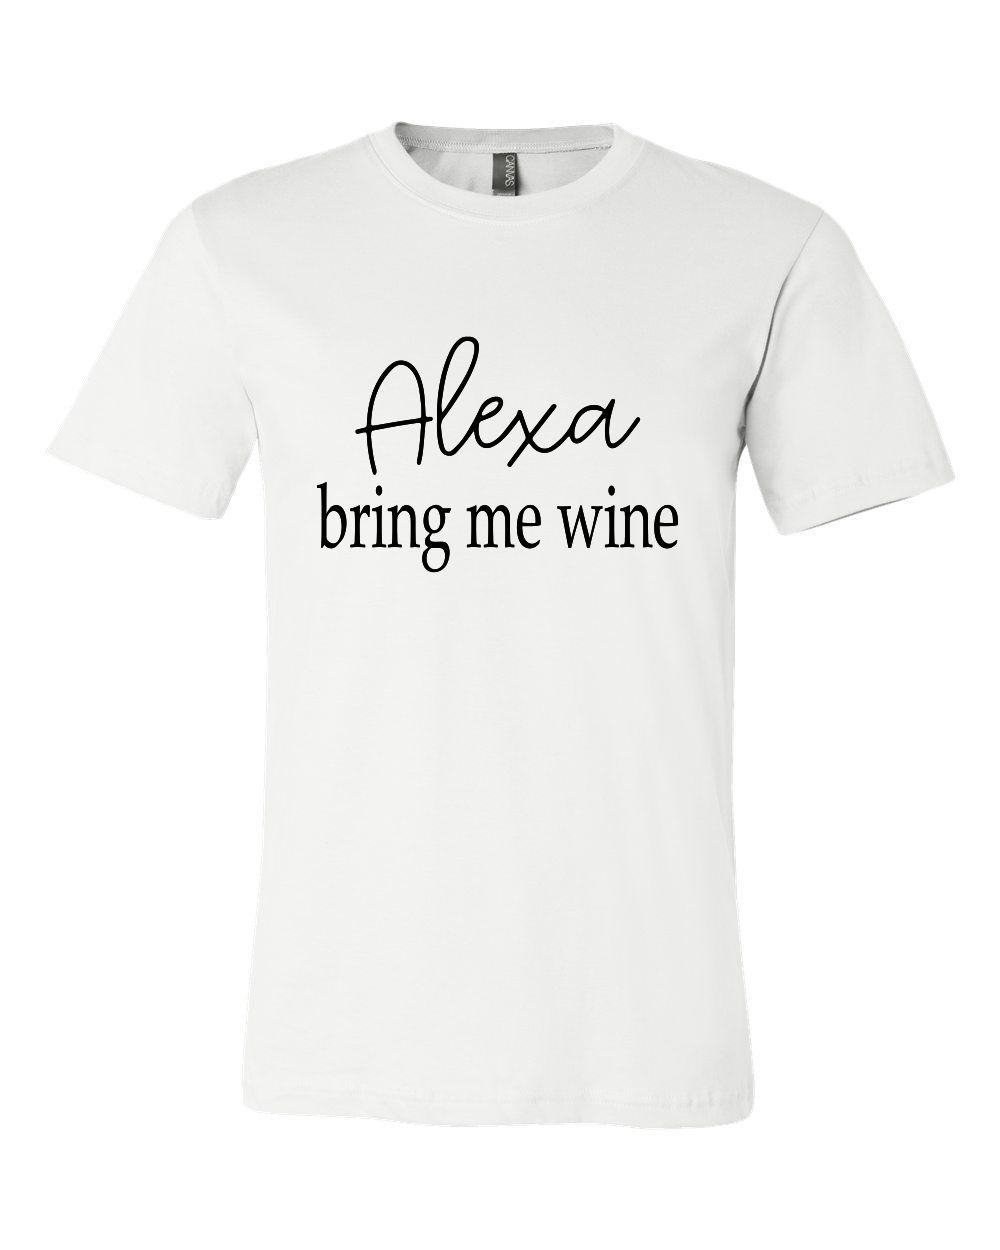 Alexa bring me wine Crew Neck Tee